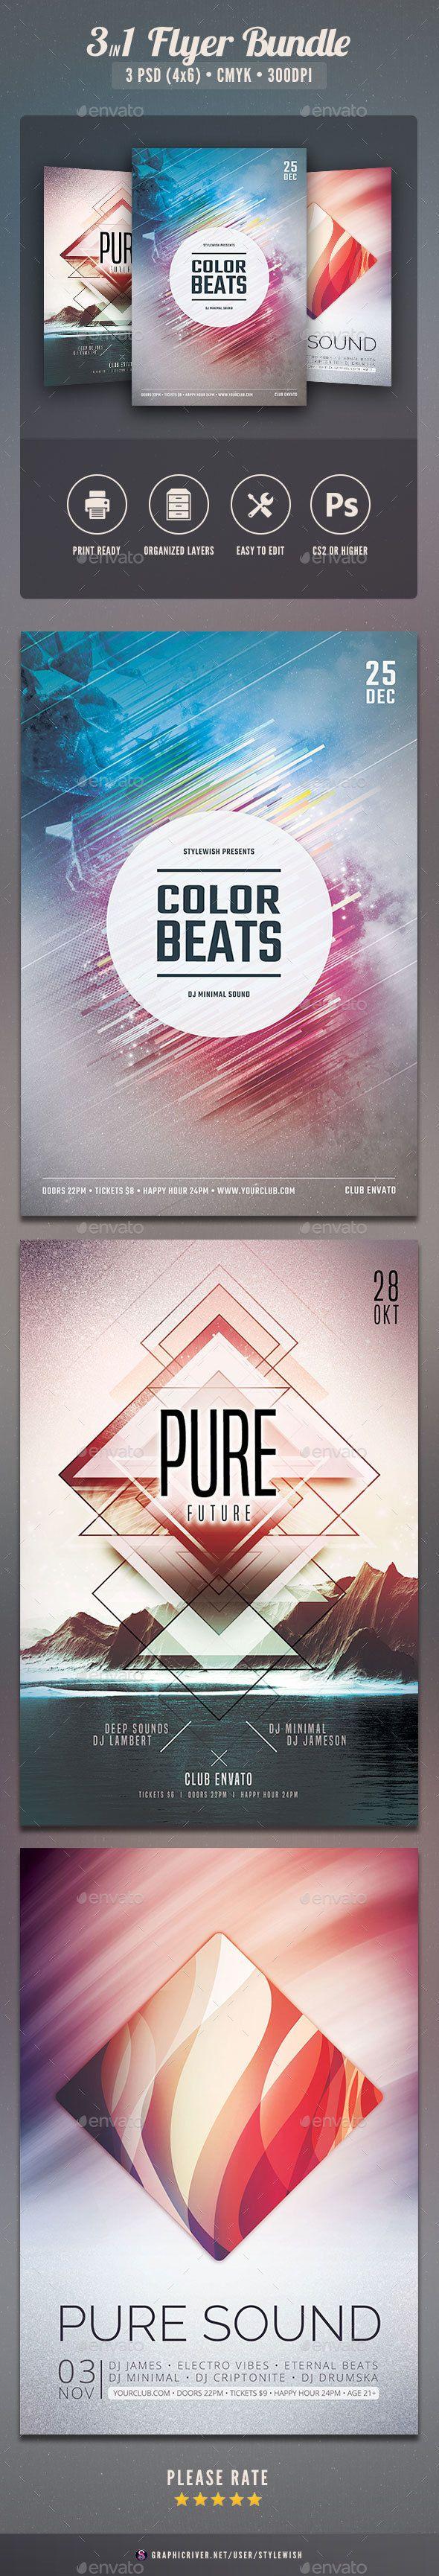 Party Flyer Template PSD Bundle